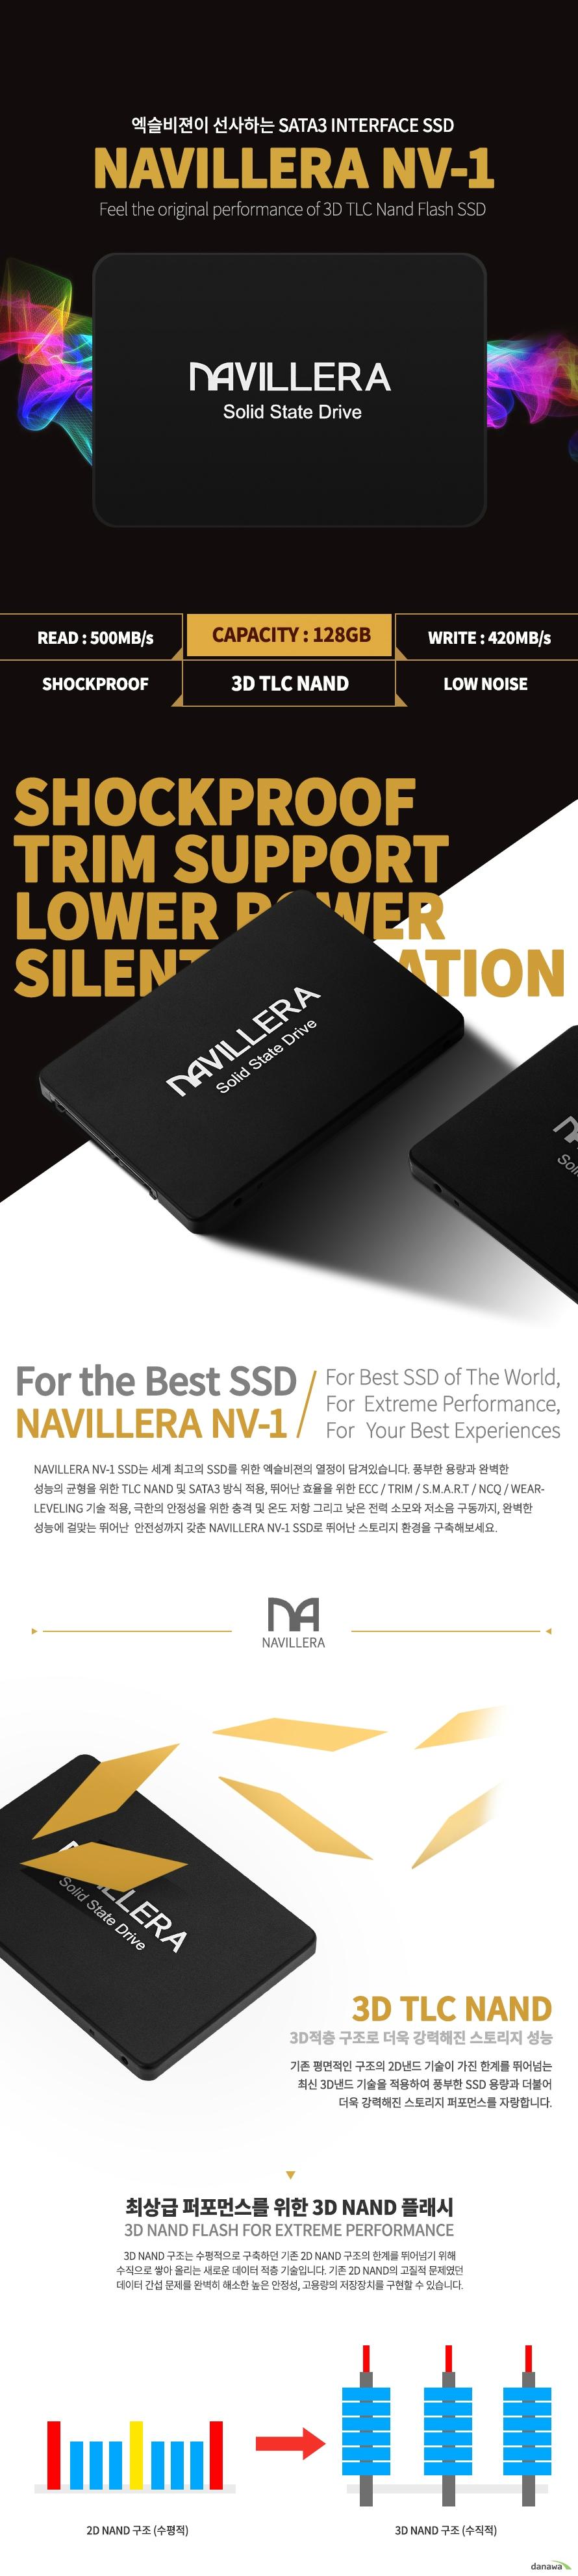 제품상세정보 제품모델 NAVILLERA NV-1 용량 128GB 인터페이스 SATA3(6Gb/s) 낸드 TLC NAND FLASH 컨트롤러 Yeestor YS908.XY 읽기/쓰기 MAX.READ : 500MB/s, MAX.WHITE : 420MB/s 환경온도 OPERATION:0℃~70℃, STORAGE:-40℃~85℃ 전압 DC5V 기술 TRIM/S.M.A.R.T/NCQ/ECC/WEAR-LEVELING 크기 100x70x7mm 무게 50g 보증기간 3년 kc인증 R-R-ABG-NV128G